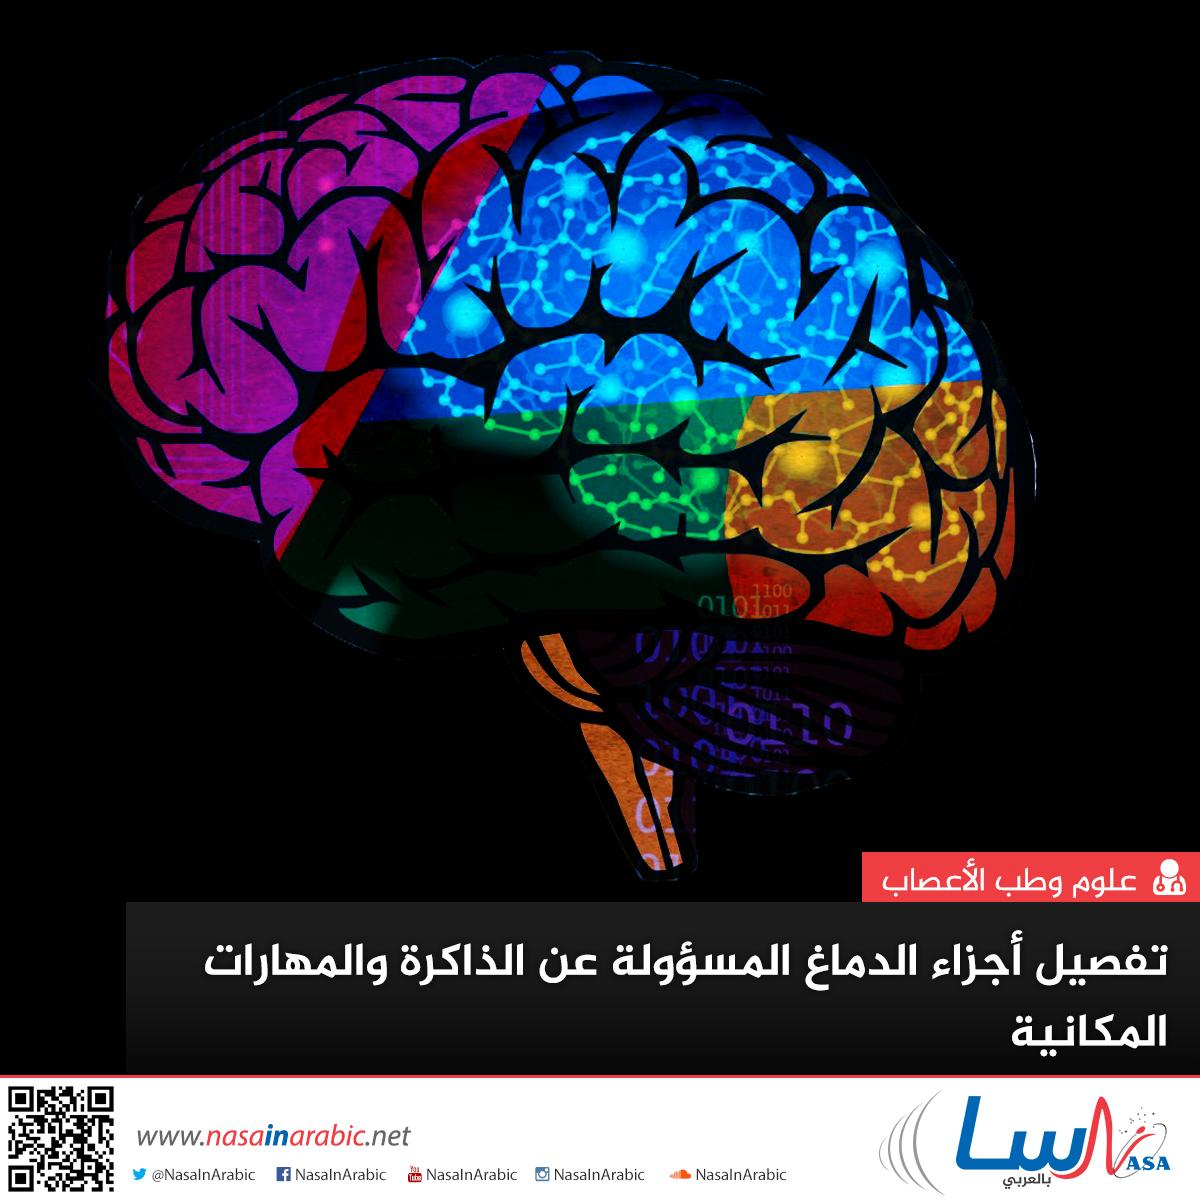 تفصيل أجزاء الدماغ المسؤولة عن الذاكرة والمهارات المكانية